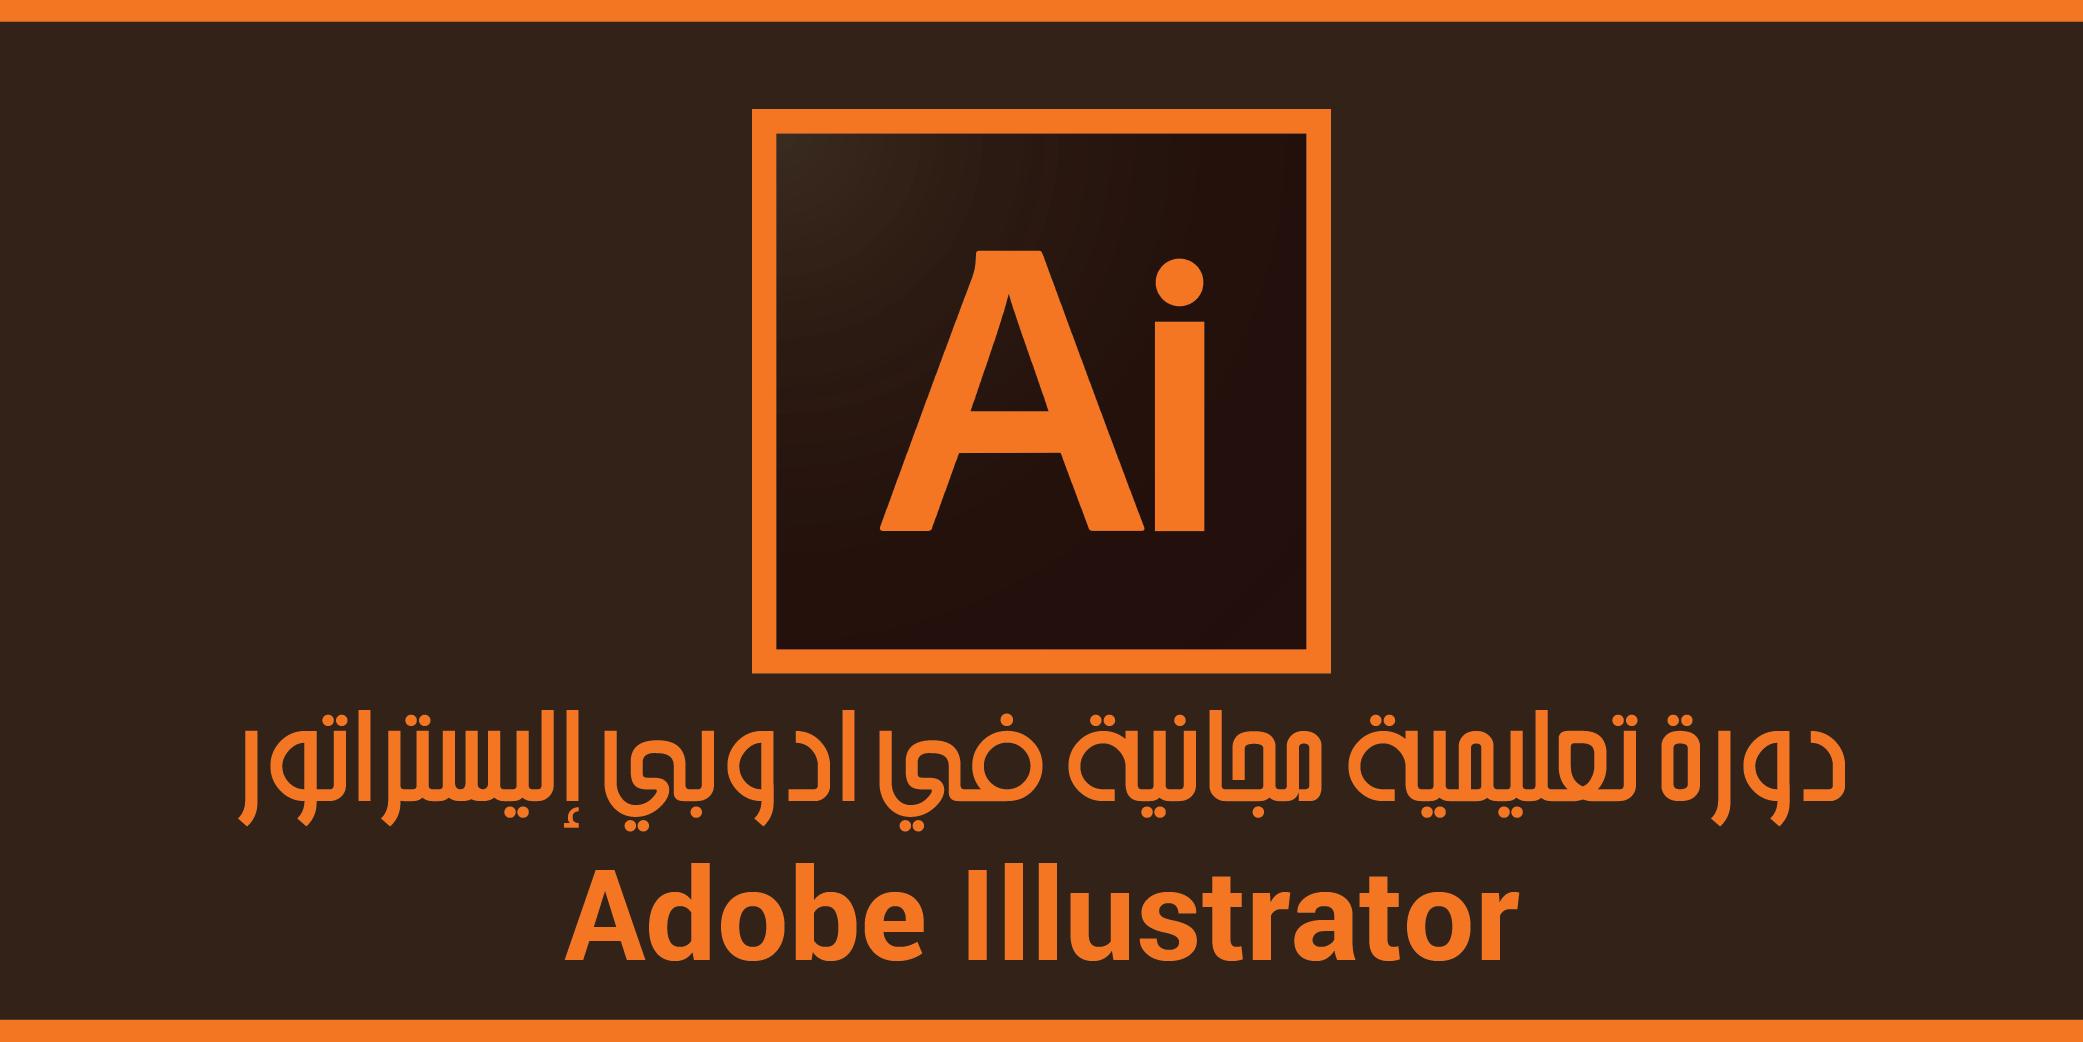 دورة تعليمية مجانية في Adobe Illustrator ، محترف أو مبتدأ في التصميم، ترغب في الحصول على دورة تعليمية كاملة تعلمك كل شيئ عن التصميم ب Adobe Illustrator،